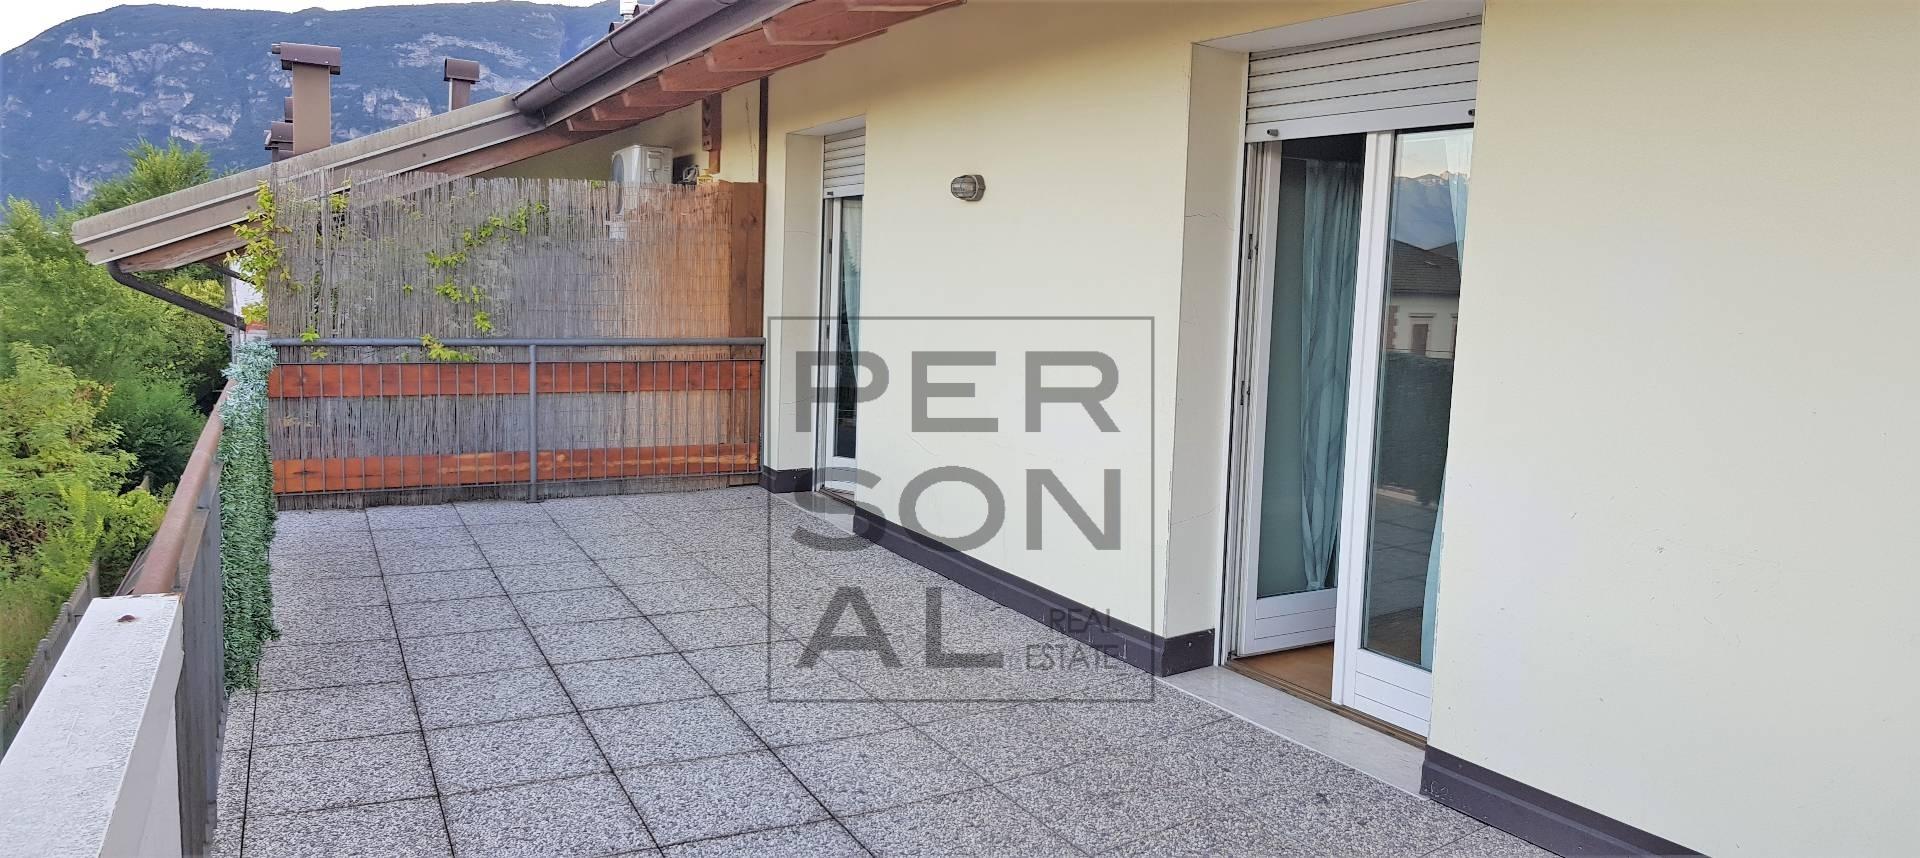 Appartamento in vendita a Zambana, 3 locali, prezzo € 165.000 | CambioCasa.it